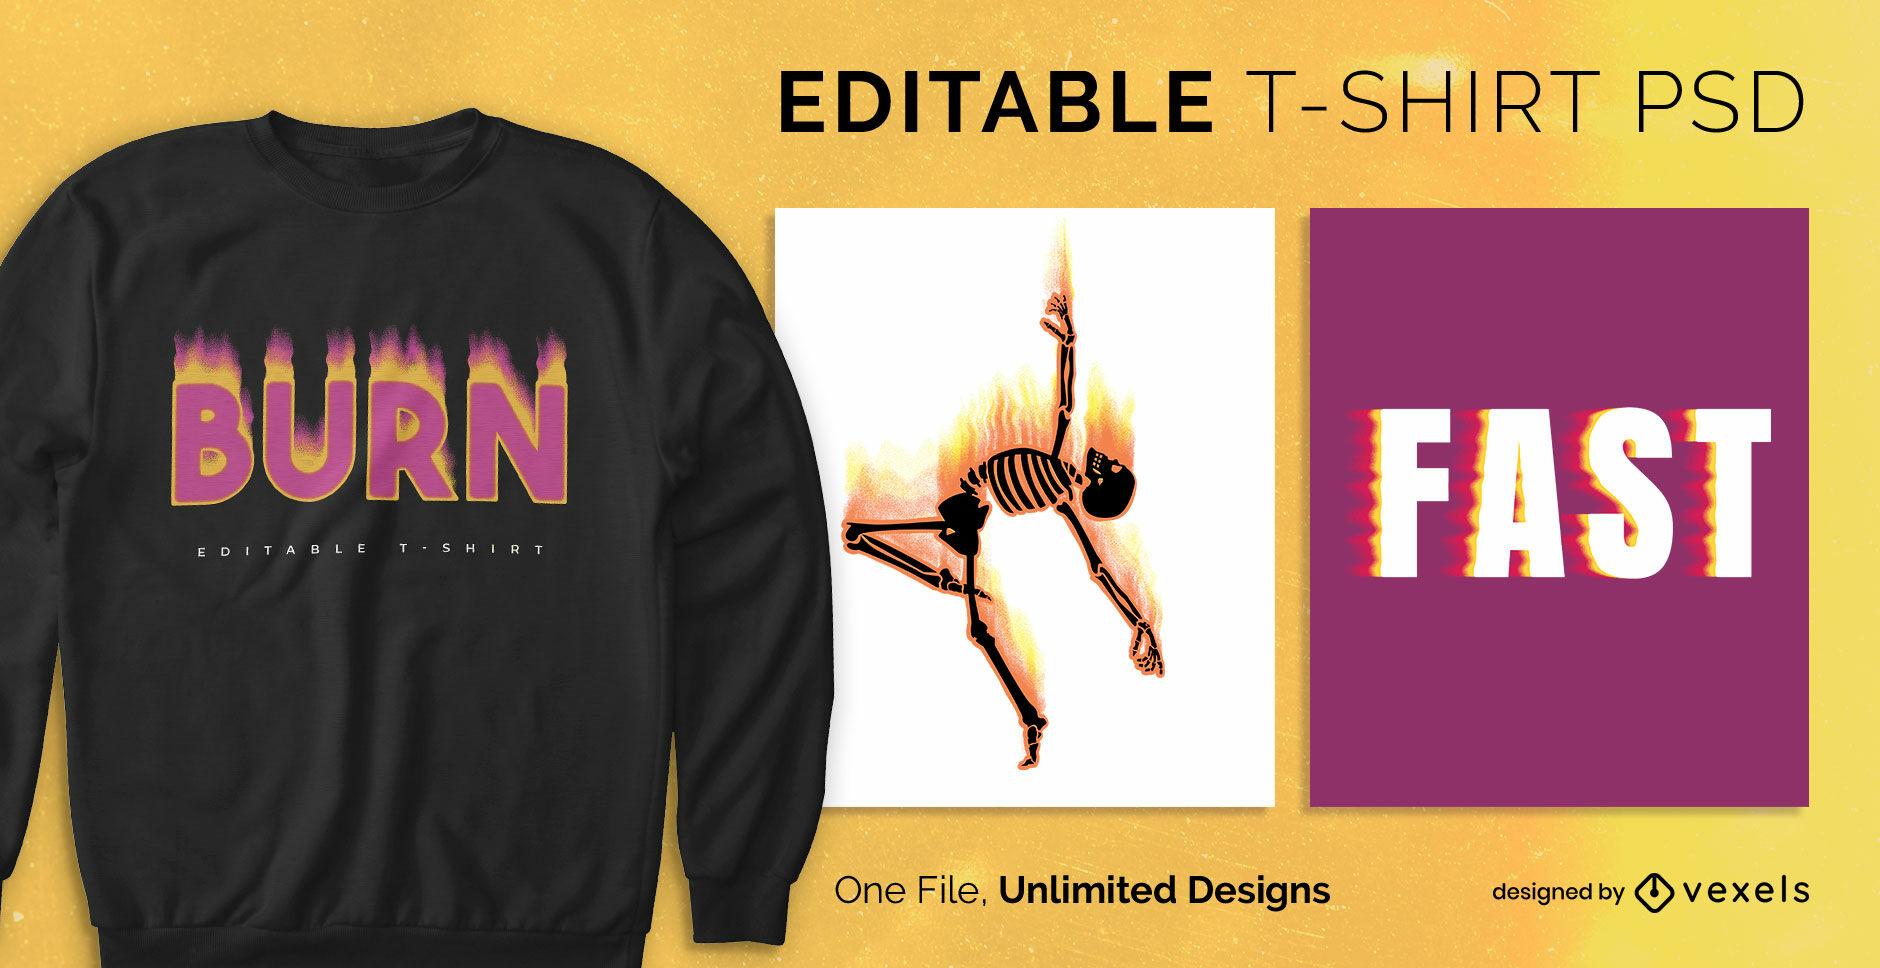 Fire effect psd scalabe t-shirt template